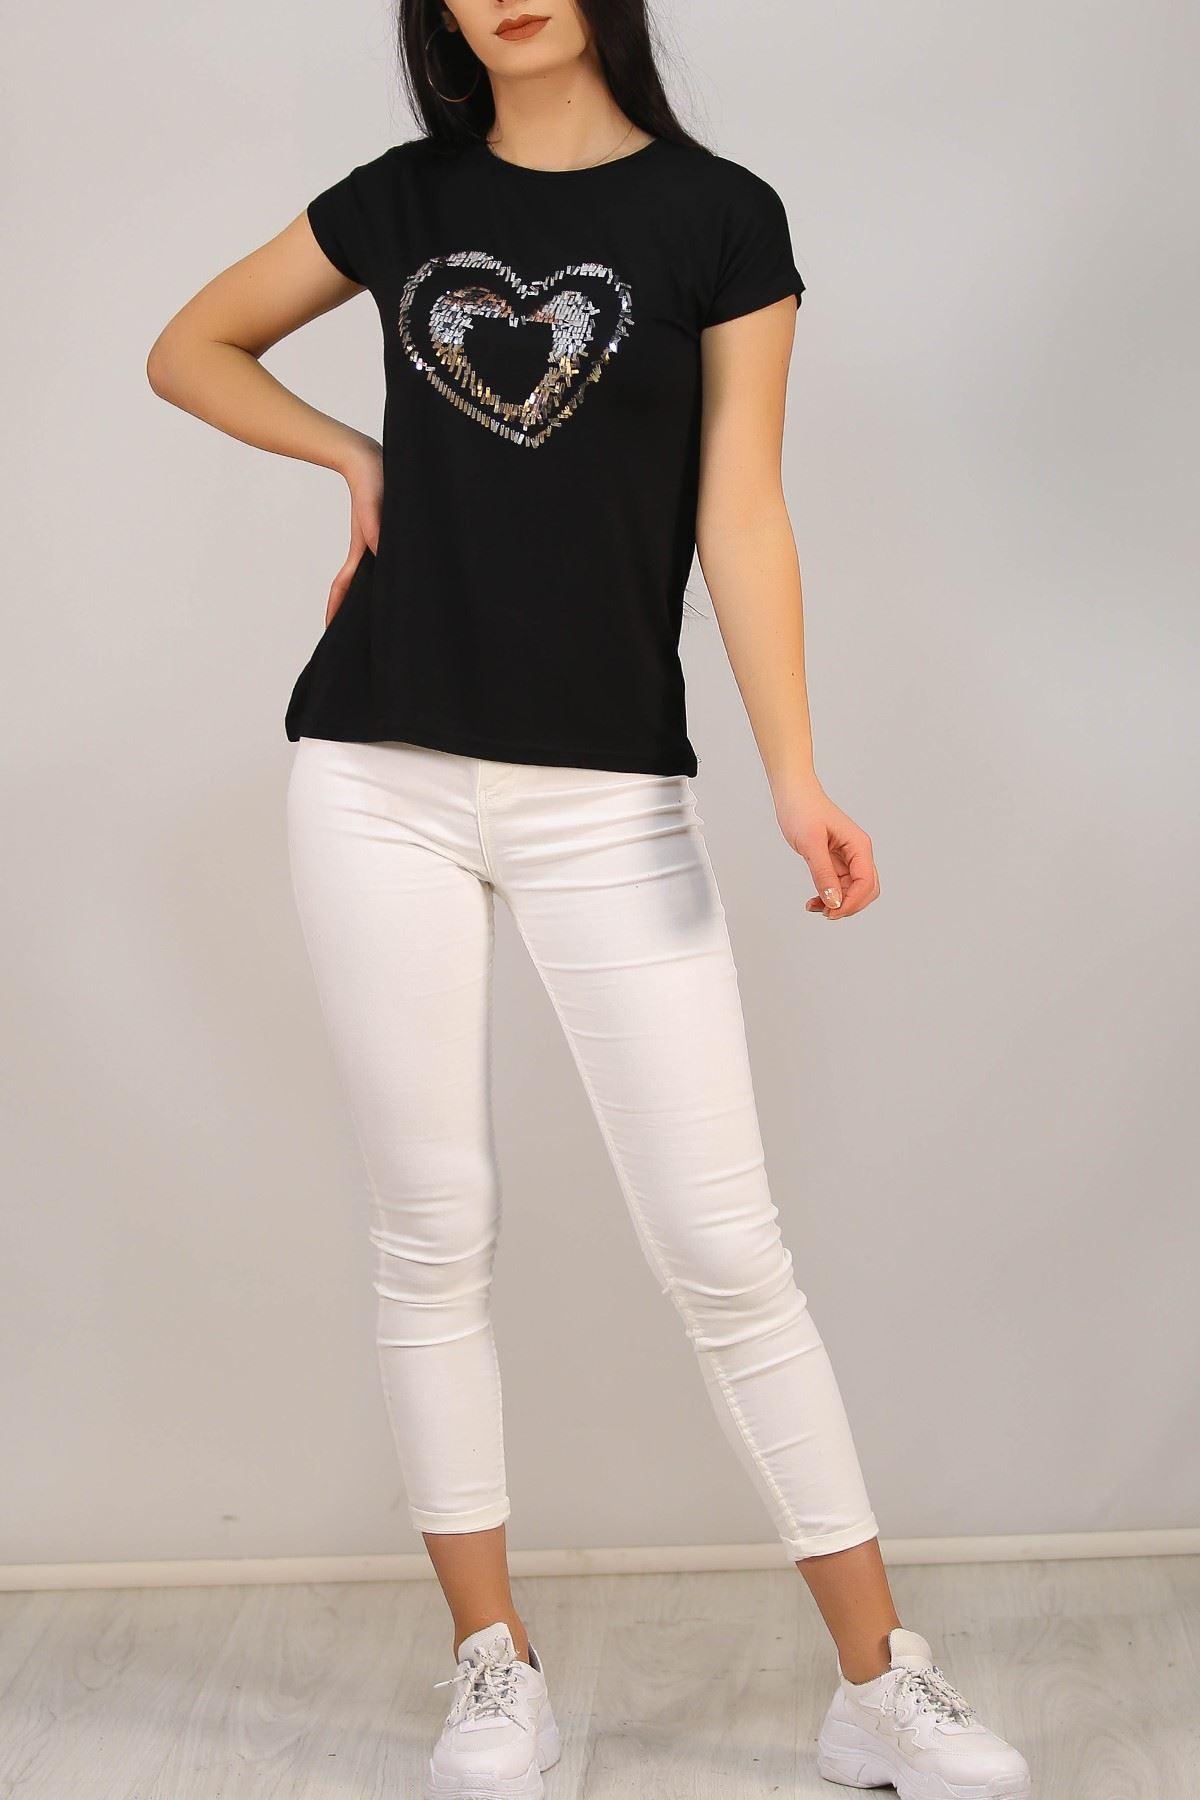 Pul Kalpli Tişört Siyah - 5026.139.